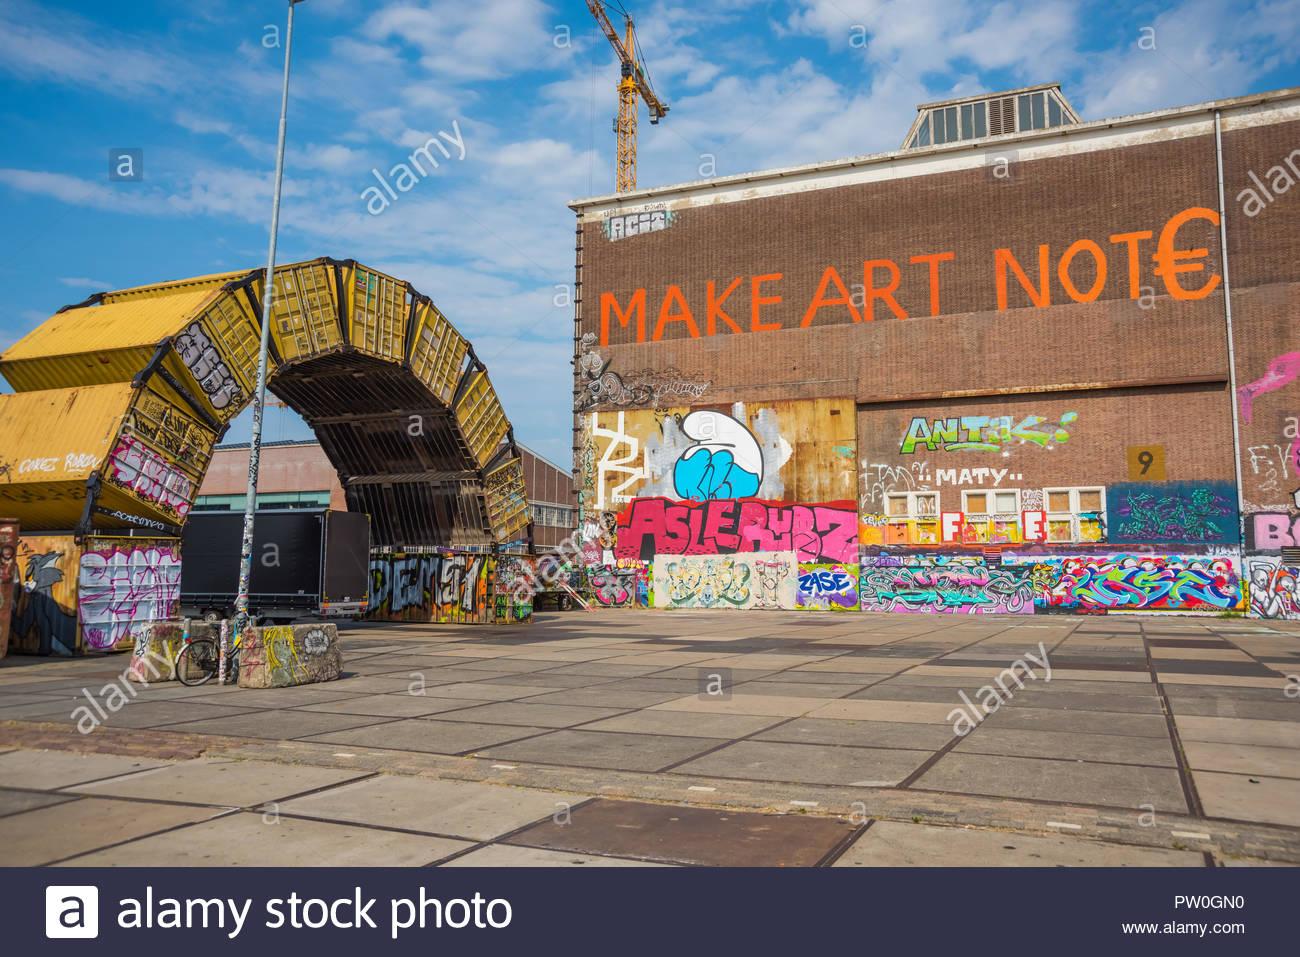 Amsterdam Noord, NDSM (Am Ufer des Flusses IJ in Amsterdam Noord befindet sich eine ehemalige Werft. Mit ihrer lebendigen Künstlergemeinschaft und ein - Stock Image